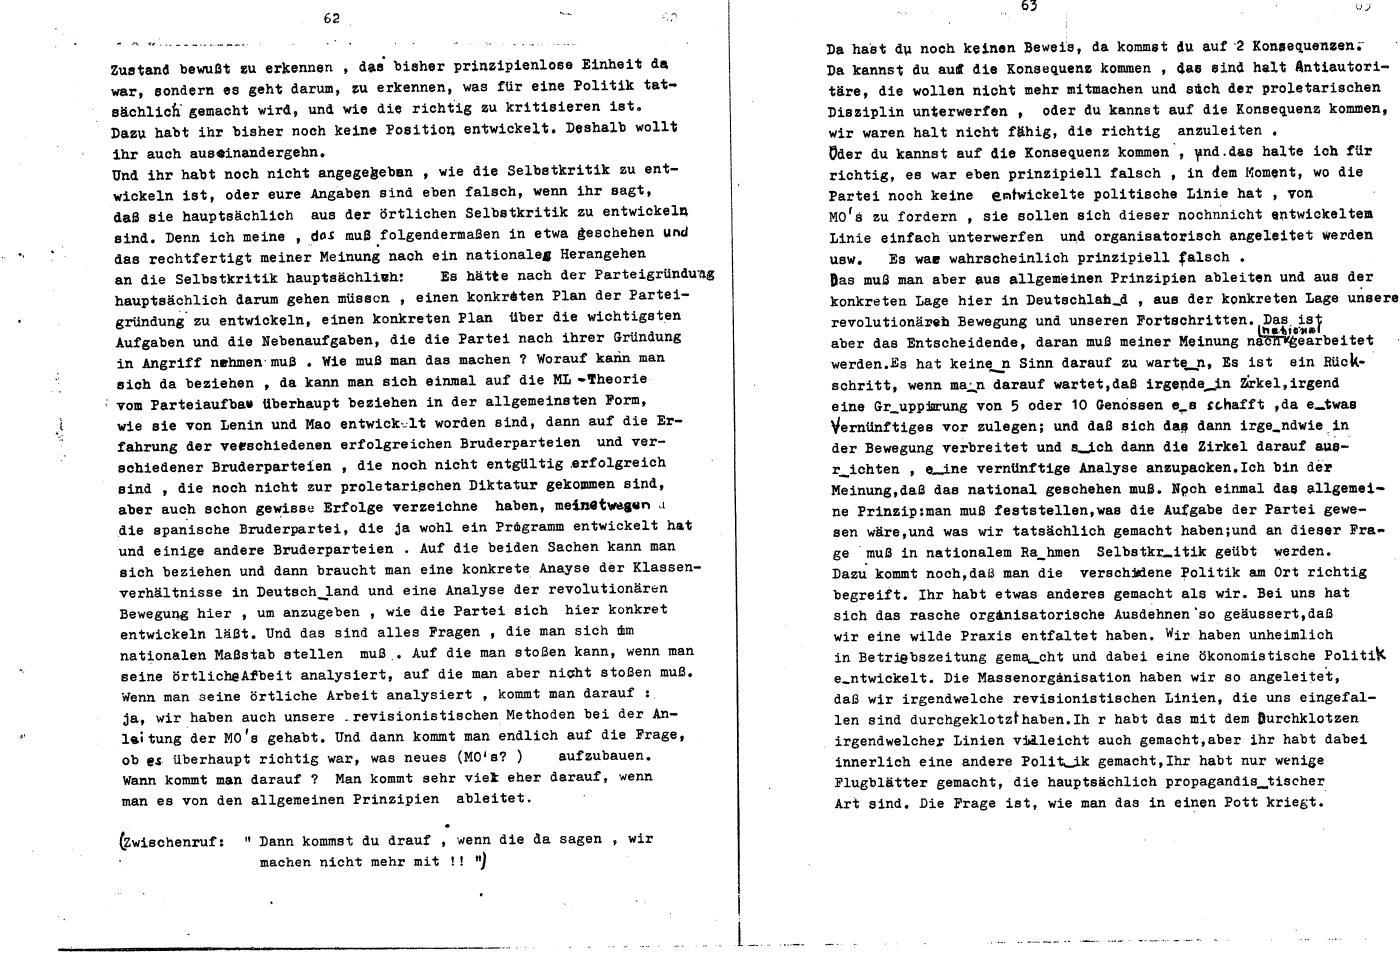 KPDML_1971_Wortprotokolle_aoPt_020